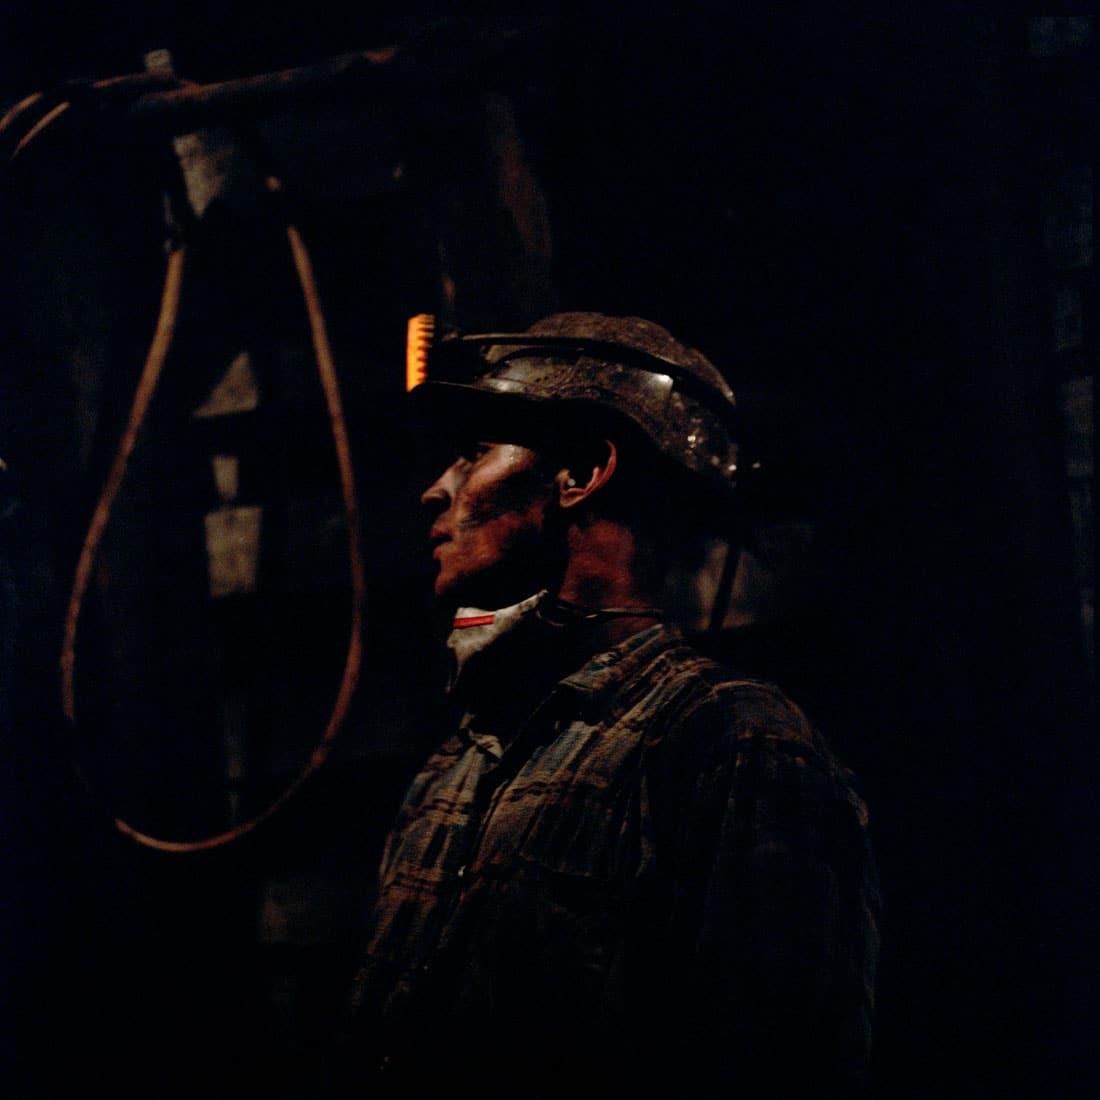 Polen, Knurow, 08-05-2008 Steenkolen mijn KWK Szczyglowice in Knurow. Op 900 meter diepte wordt een nieuwe gangenstelsel gemaakt. Dit stelsel dat onder aan de schacht 'przecznica II' ligt verbind de kolenvelden op 850 en 1050 meter diepte. Mijnwerkers werken een jaar of 5 aan de voorbereidingen voordat de het kolenveld gewonnen kan worden. PHOTO AND COPYRIGHT ROGER CREMERS